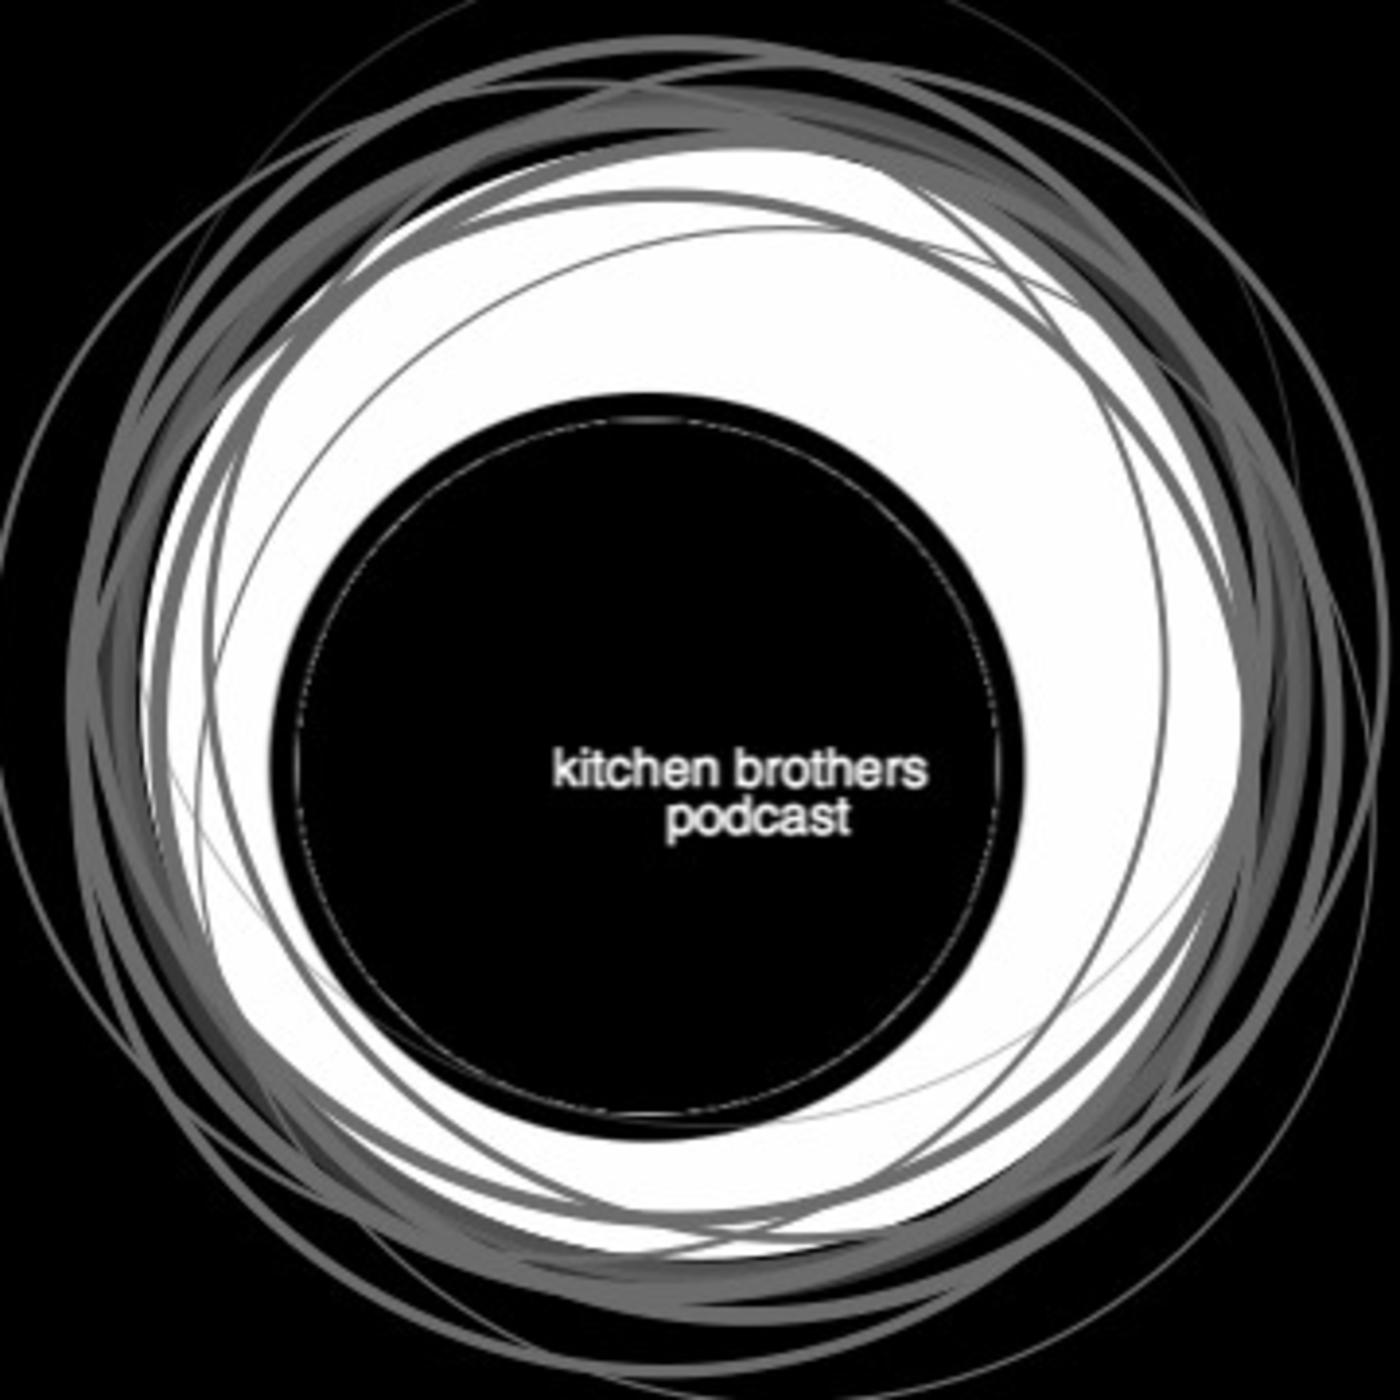 KBro's Podcast